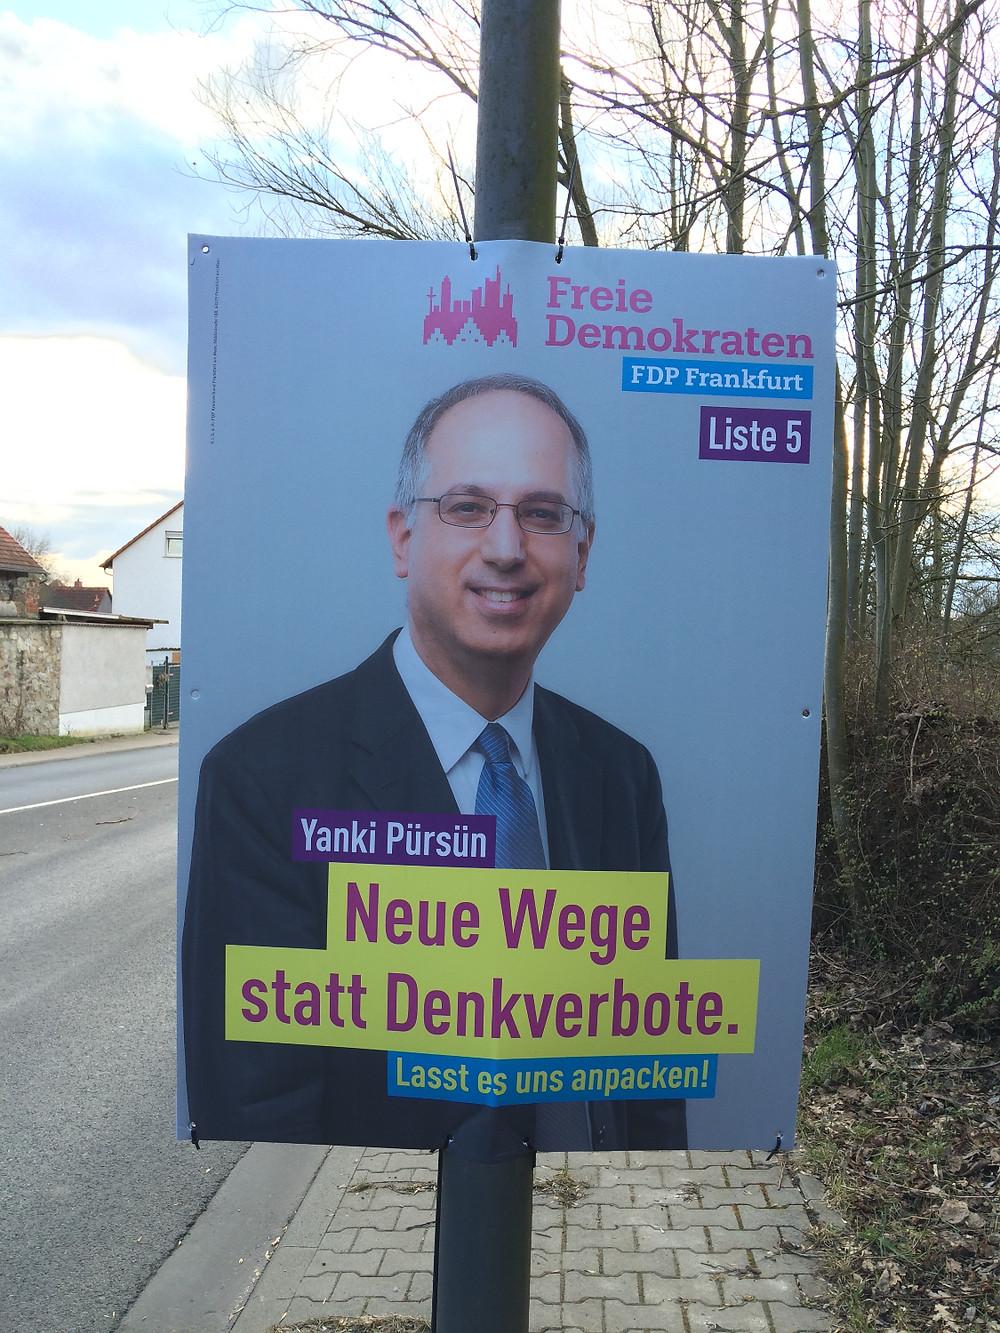 FDP Frankfurt: Yanki Pürsün